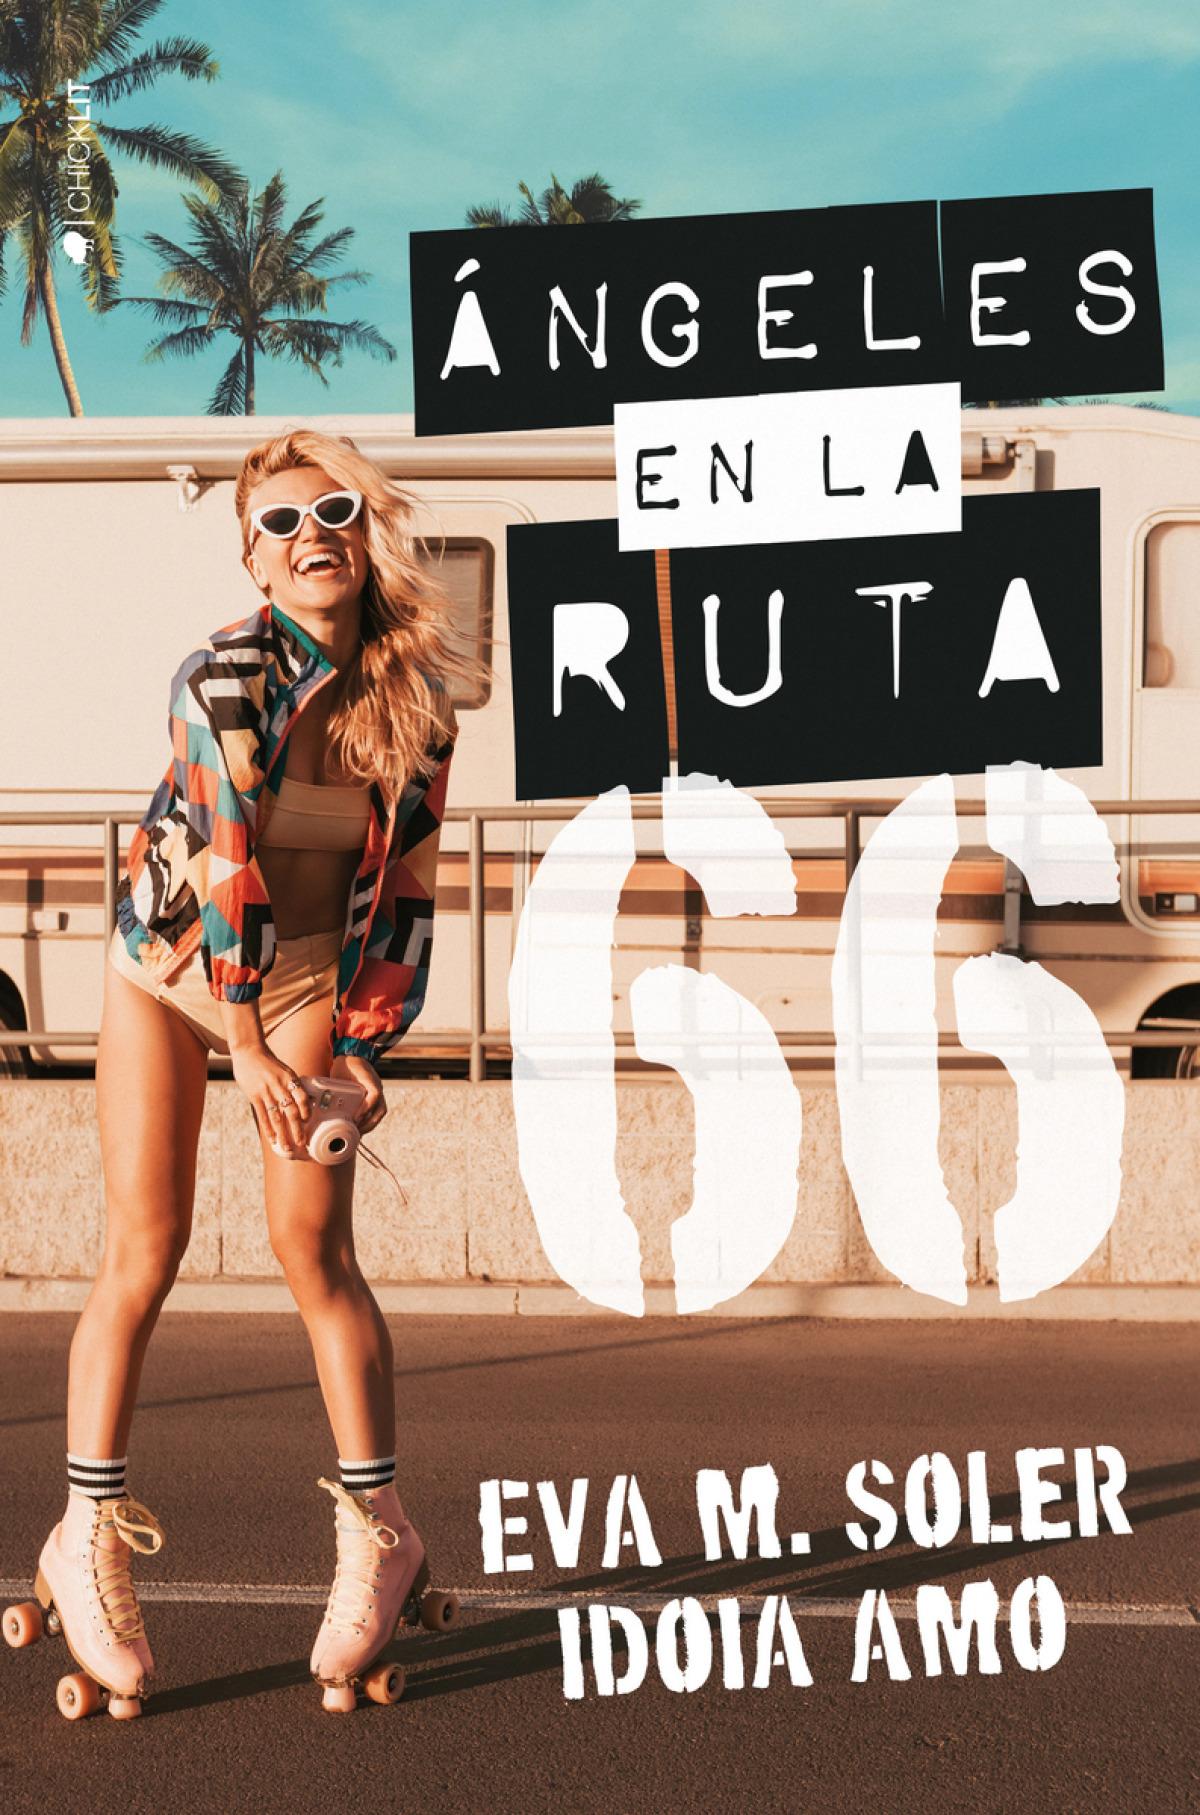 ÁNGELES EN LA RUTA 66